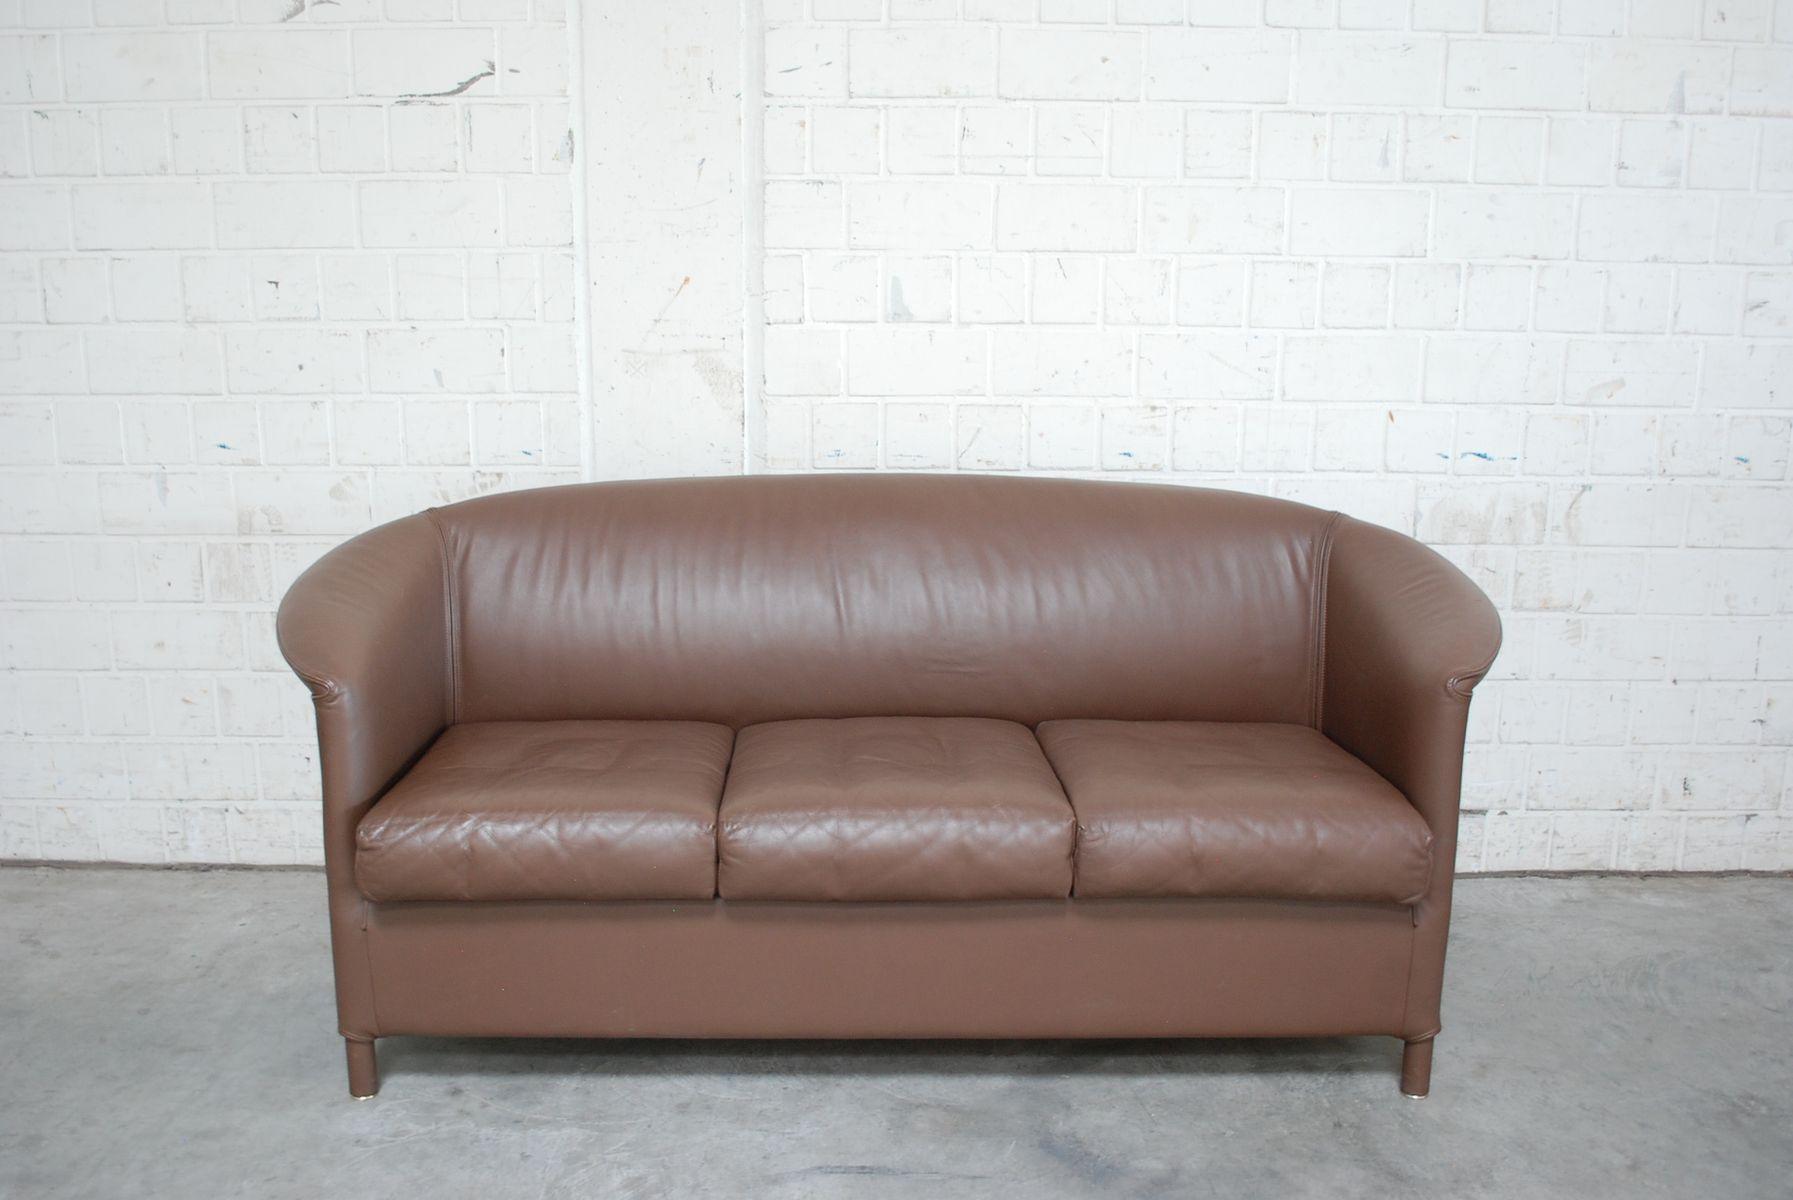 vintage aura sofa von paolo piva f r wittmann bei pamono kaufen. Black Bedroom Furniture Sets. Home Design Ideas